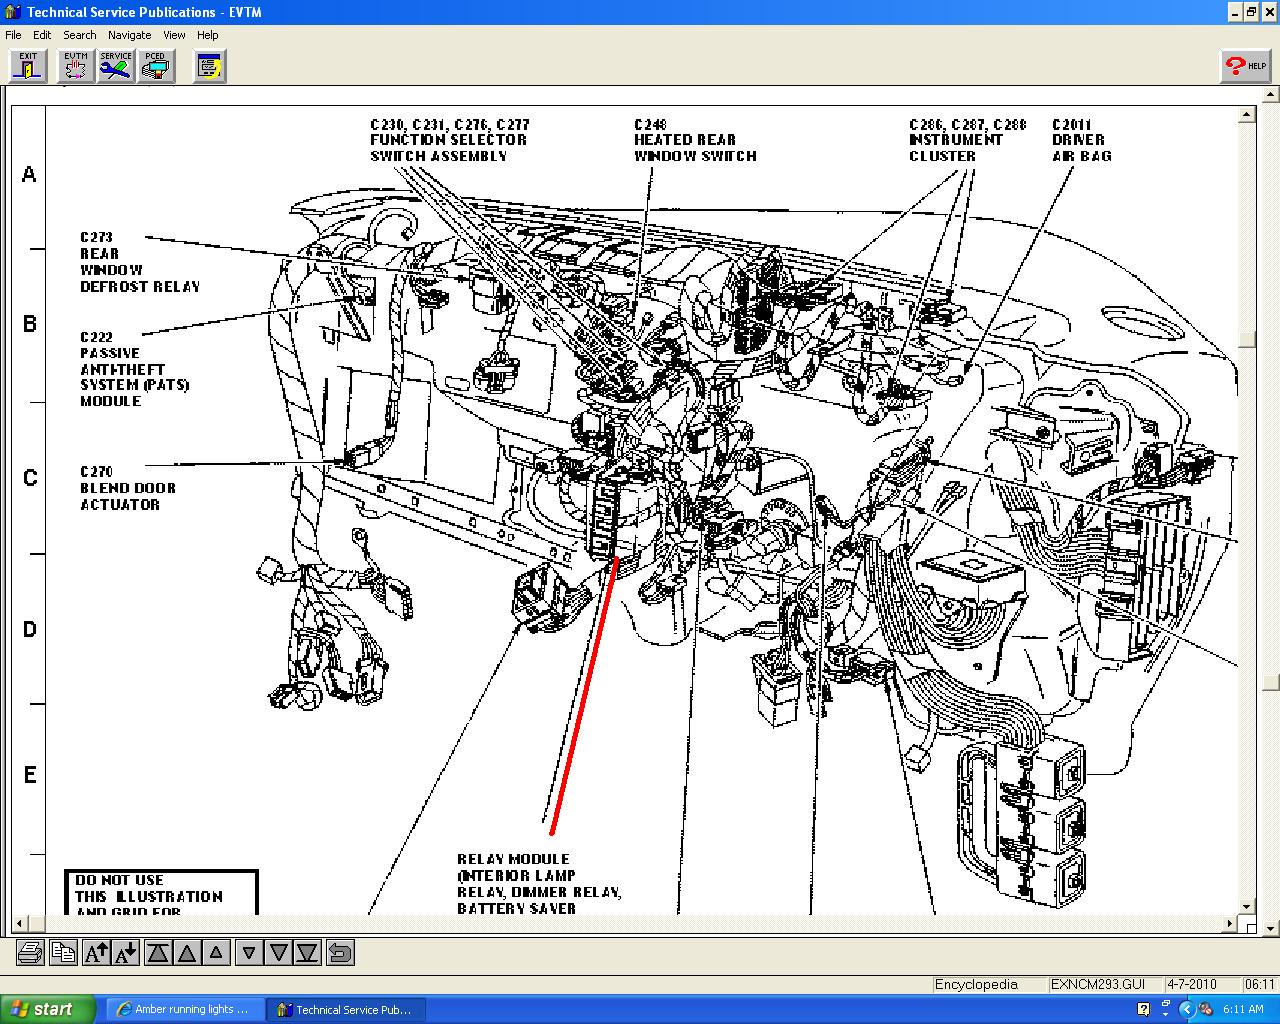 Großartig 2003 F550 Schaltplan Zeitgenössisch - Elektrische ...